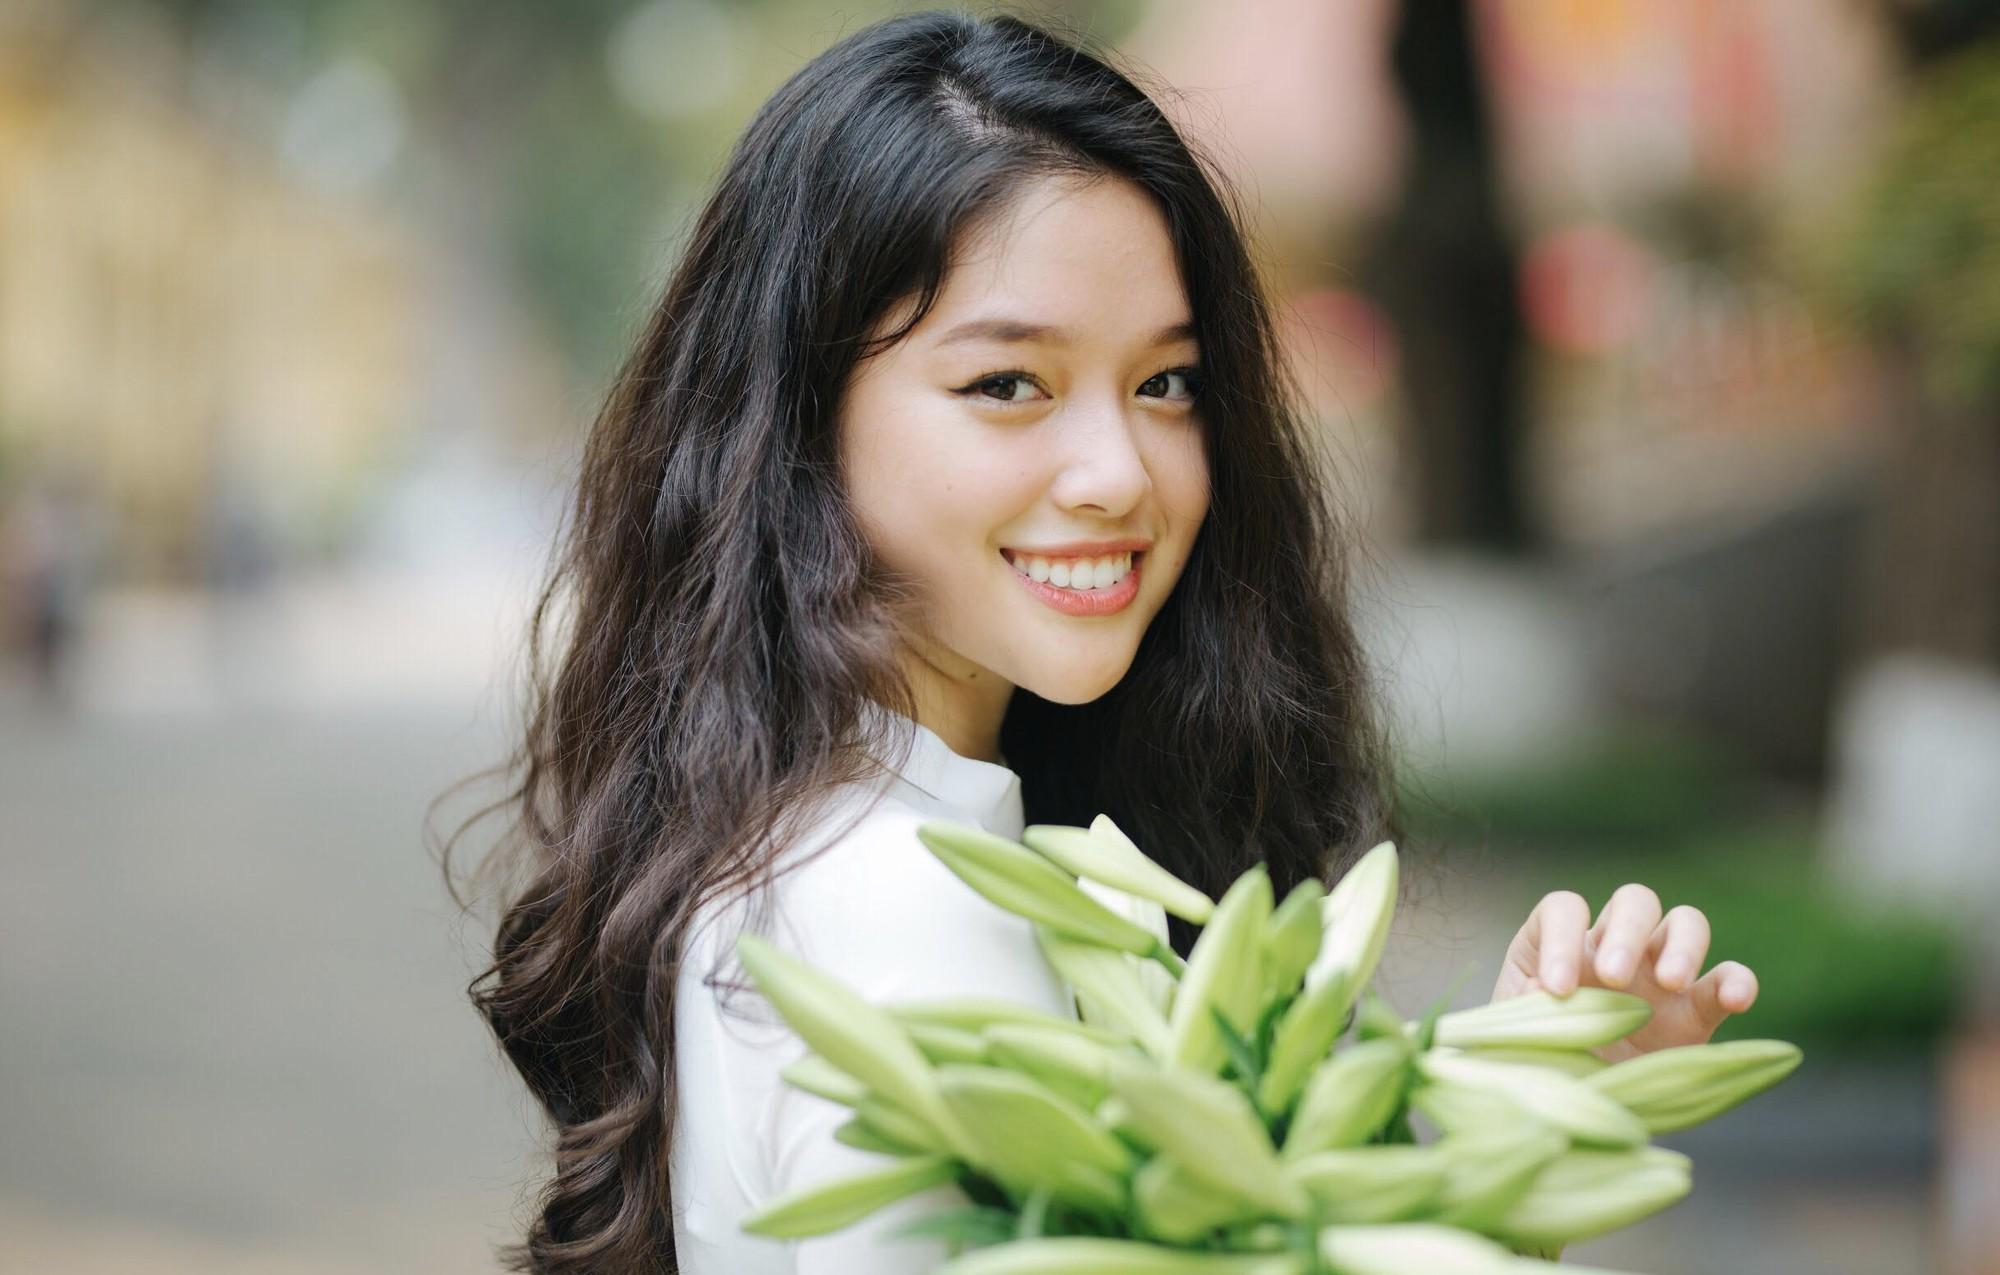 Ảnh 3: Nhan sắc nữ sinh trường Việt Đức - We25.vn